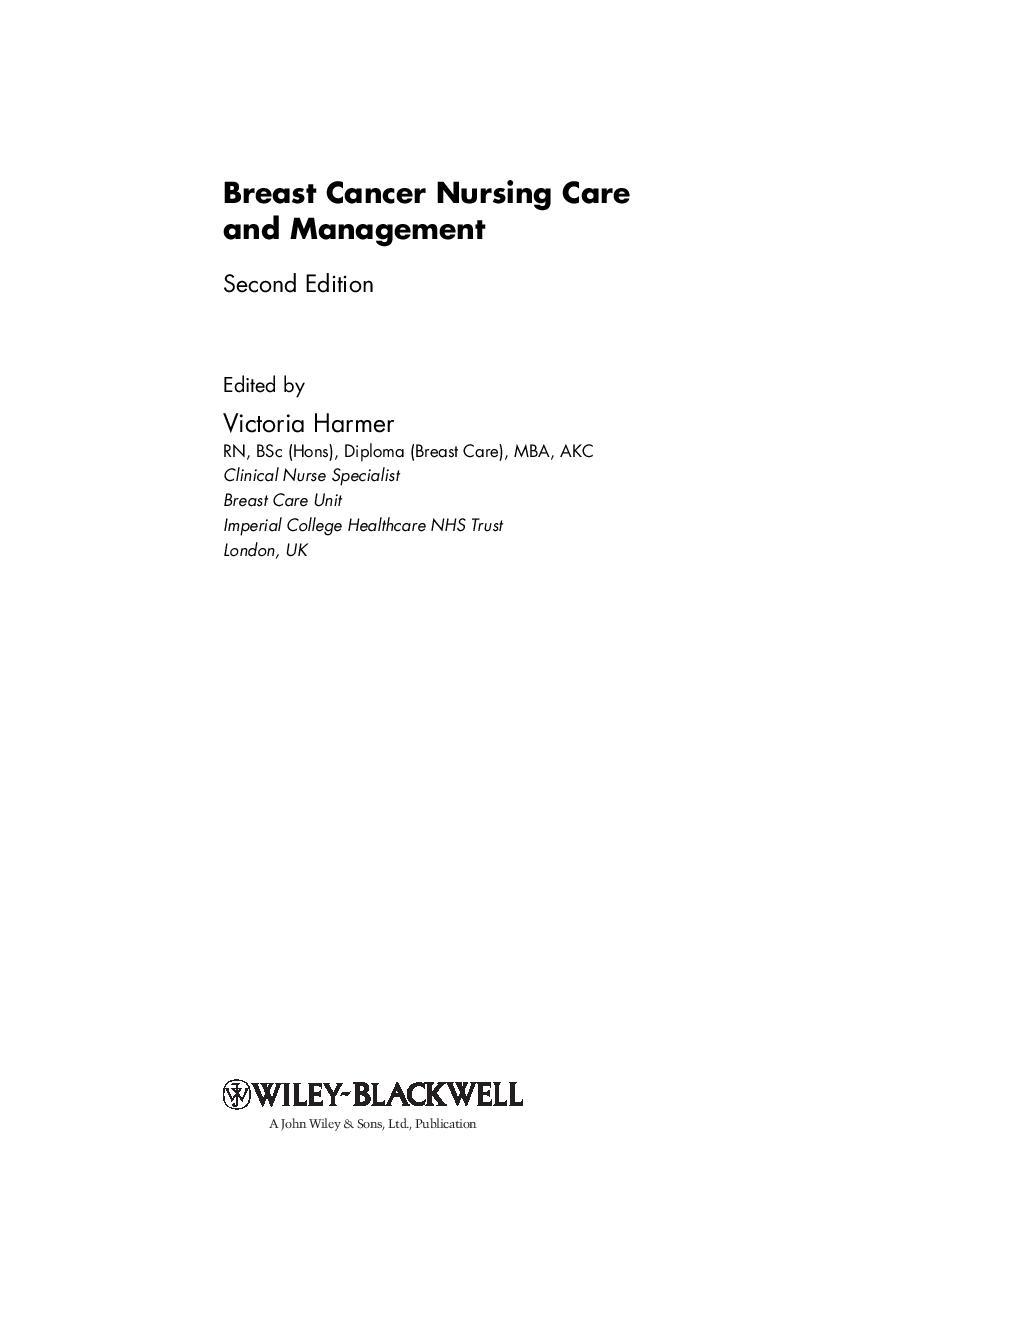 Breast Cancer Nursing Care And Management 2nd Ed - V  Harmer